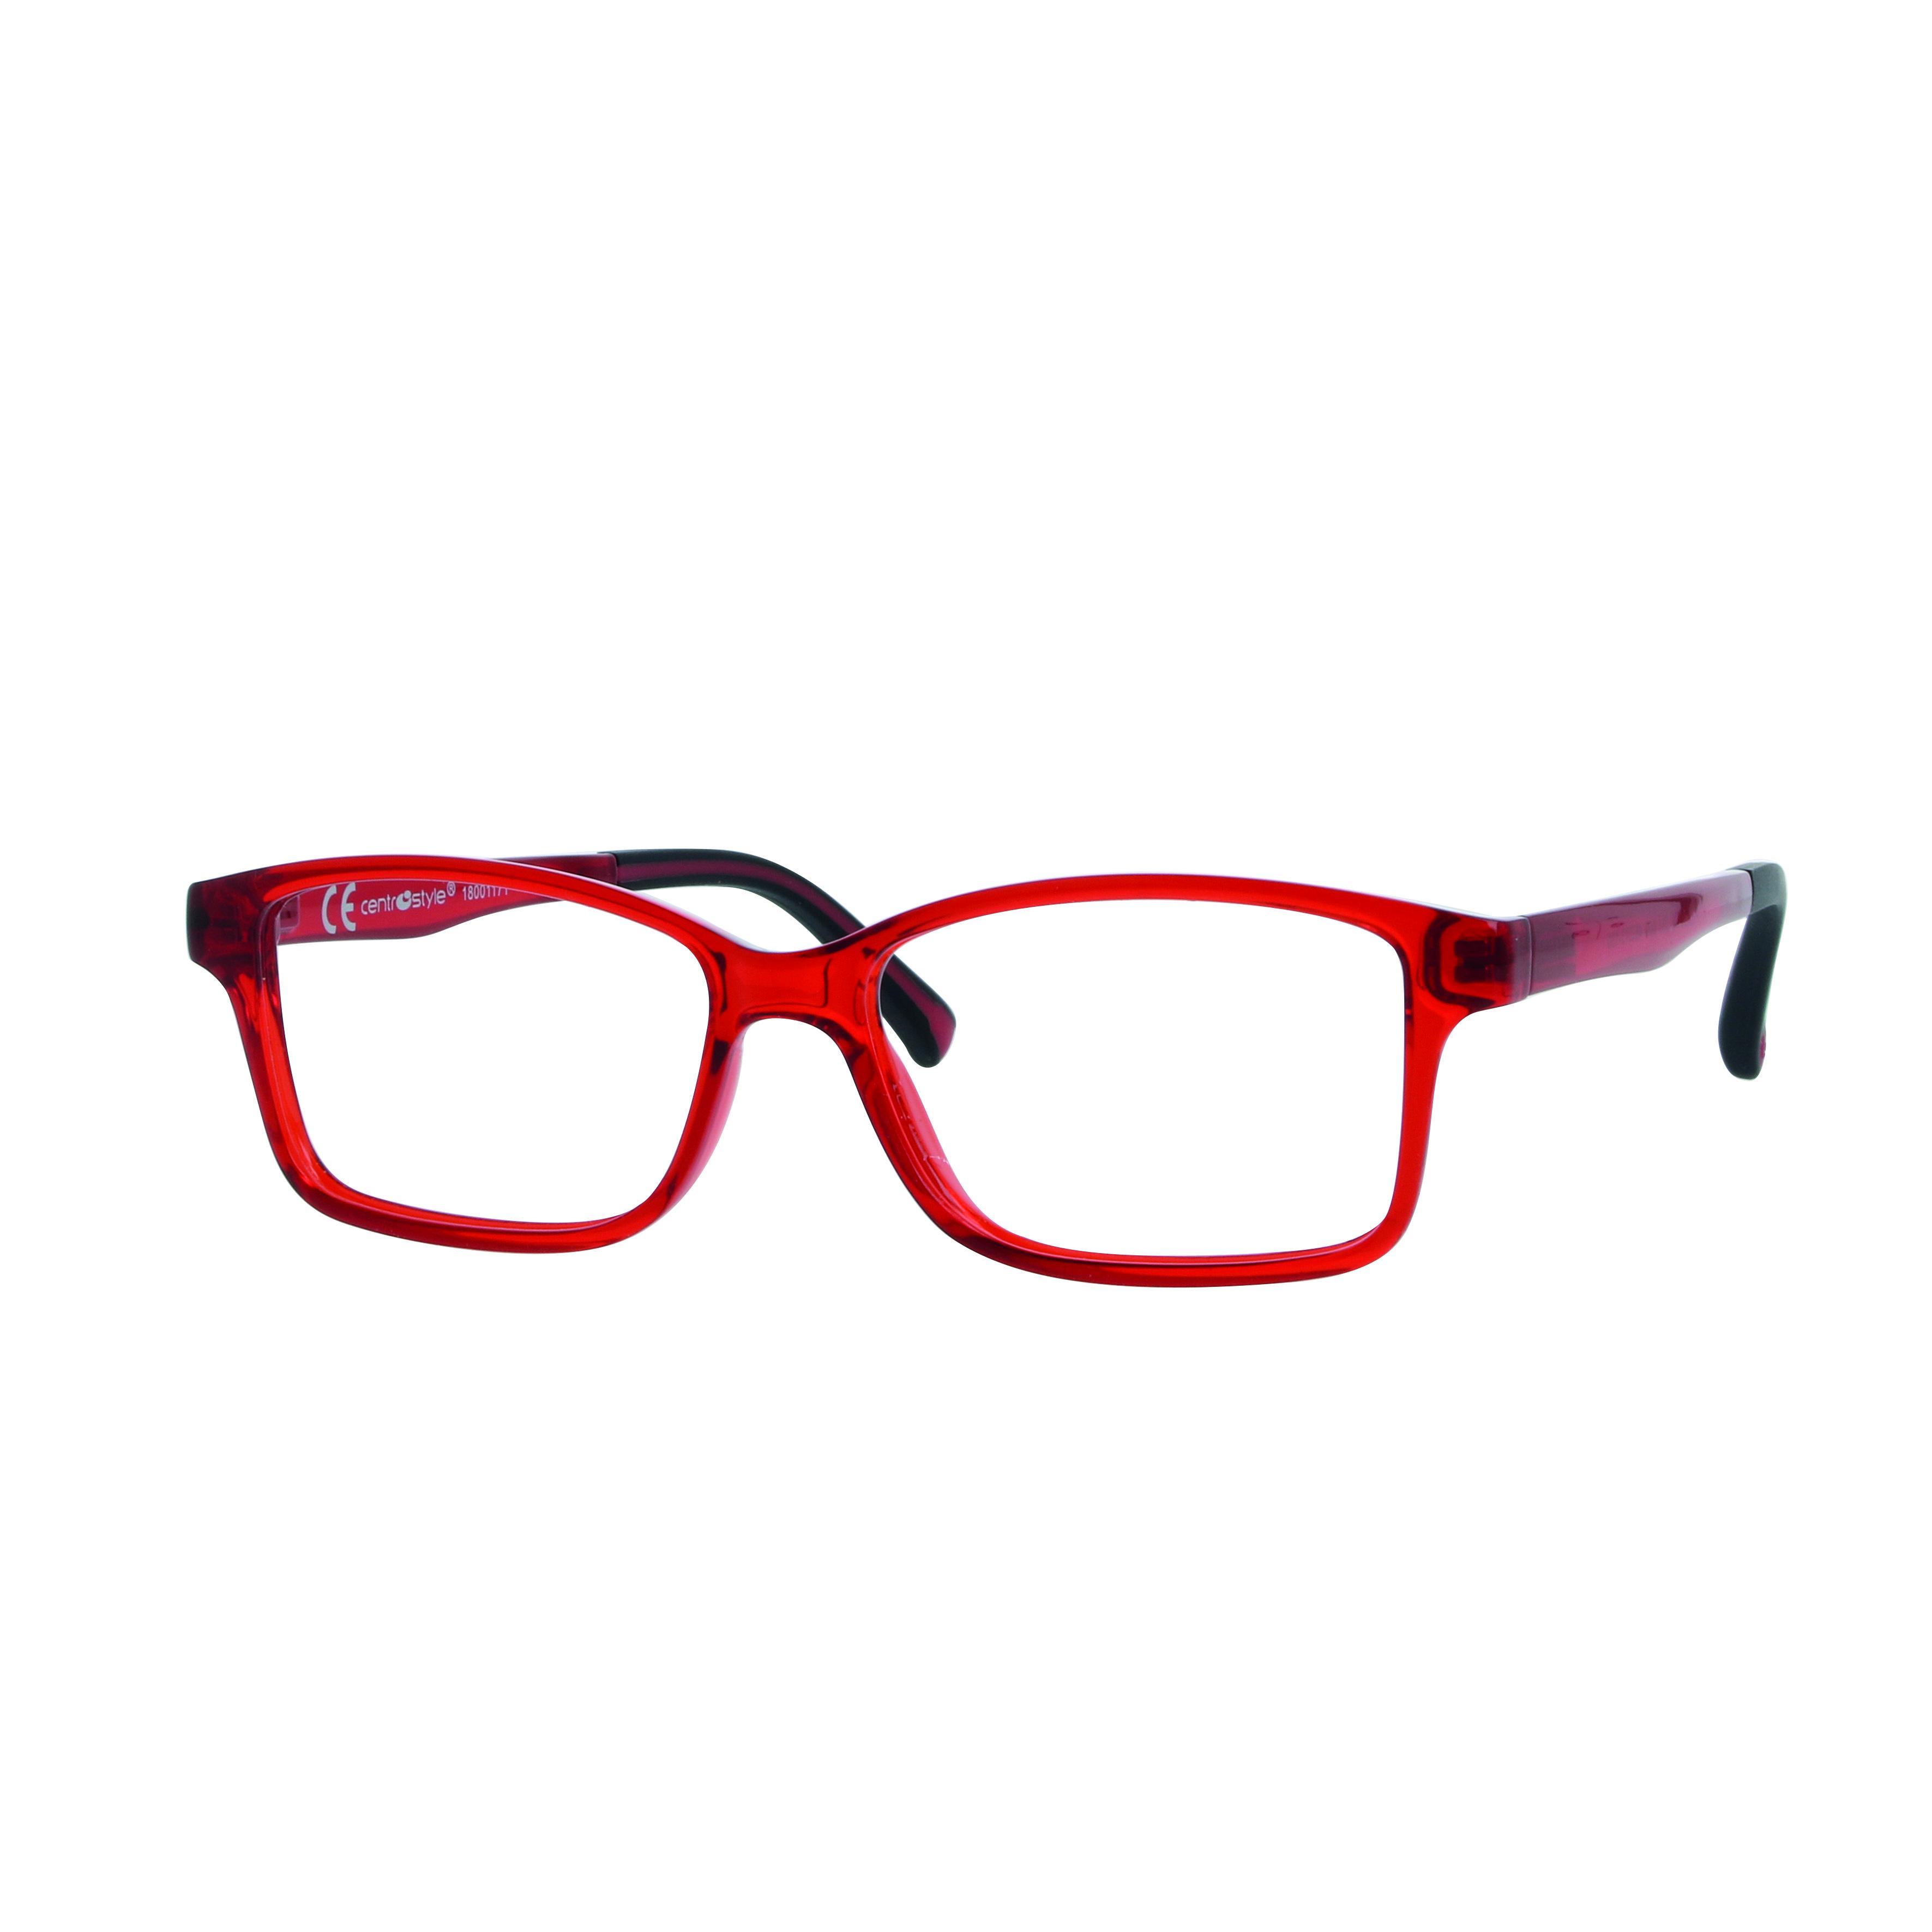 02F013044231000 - Armação Active Colours (5) 44x13 Vermelho Mod F013044231000 - Contém 1 Peça